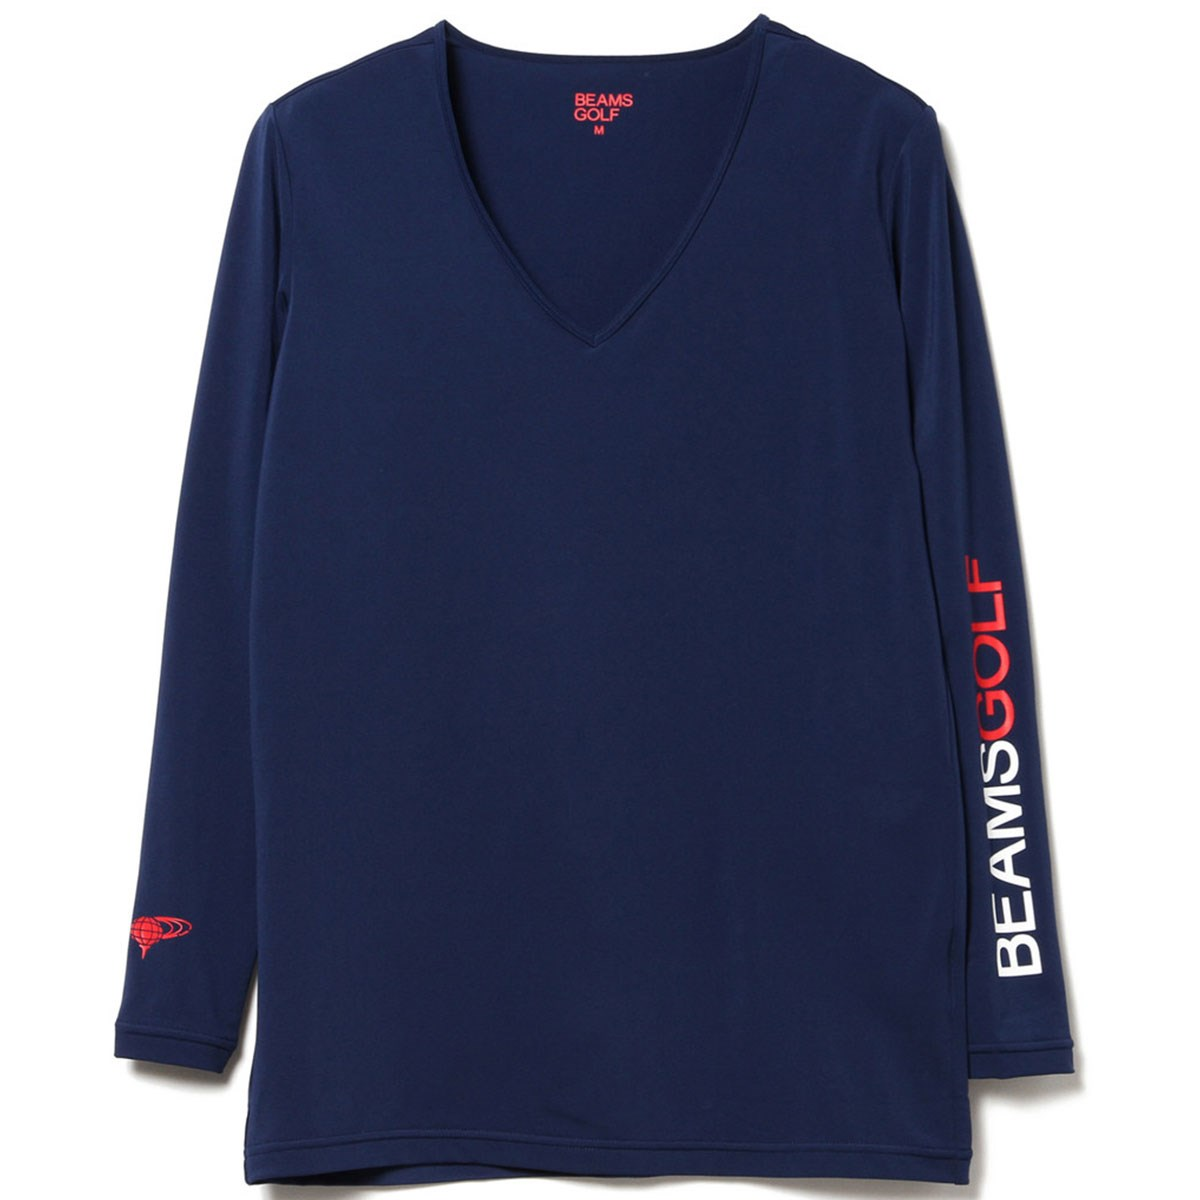 ビームスゴルフ 吸水速乾 BEAMS GOLF ORANGE LABEL Vネック 長袖コンプレッションシャツ